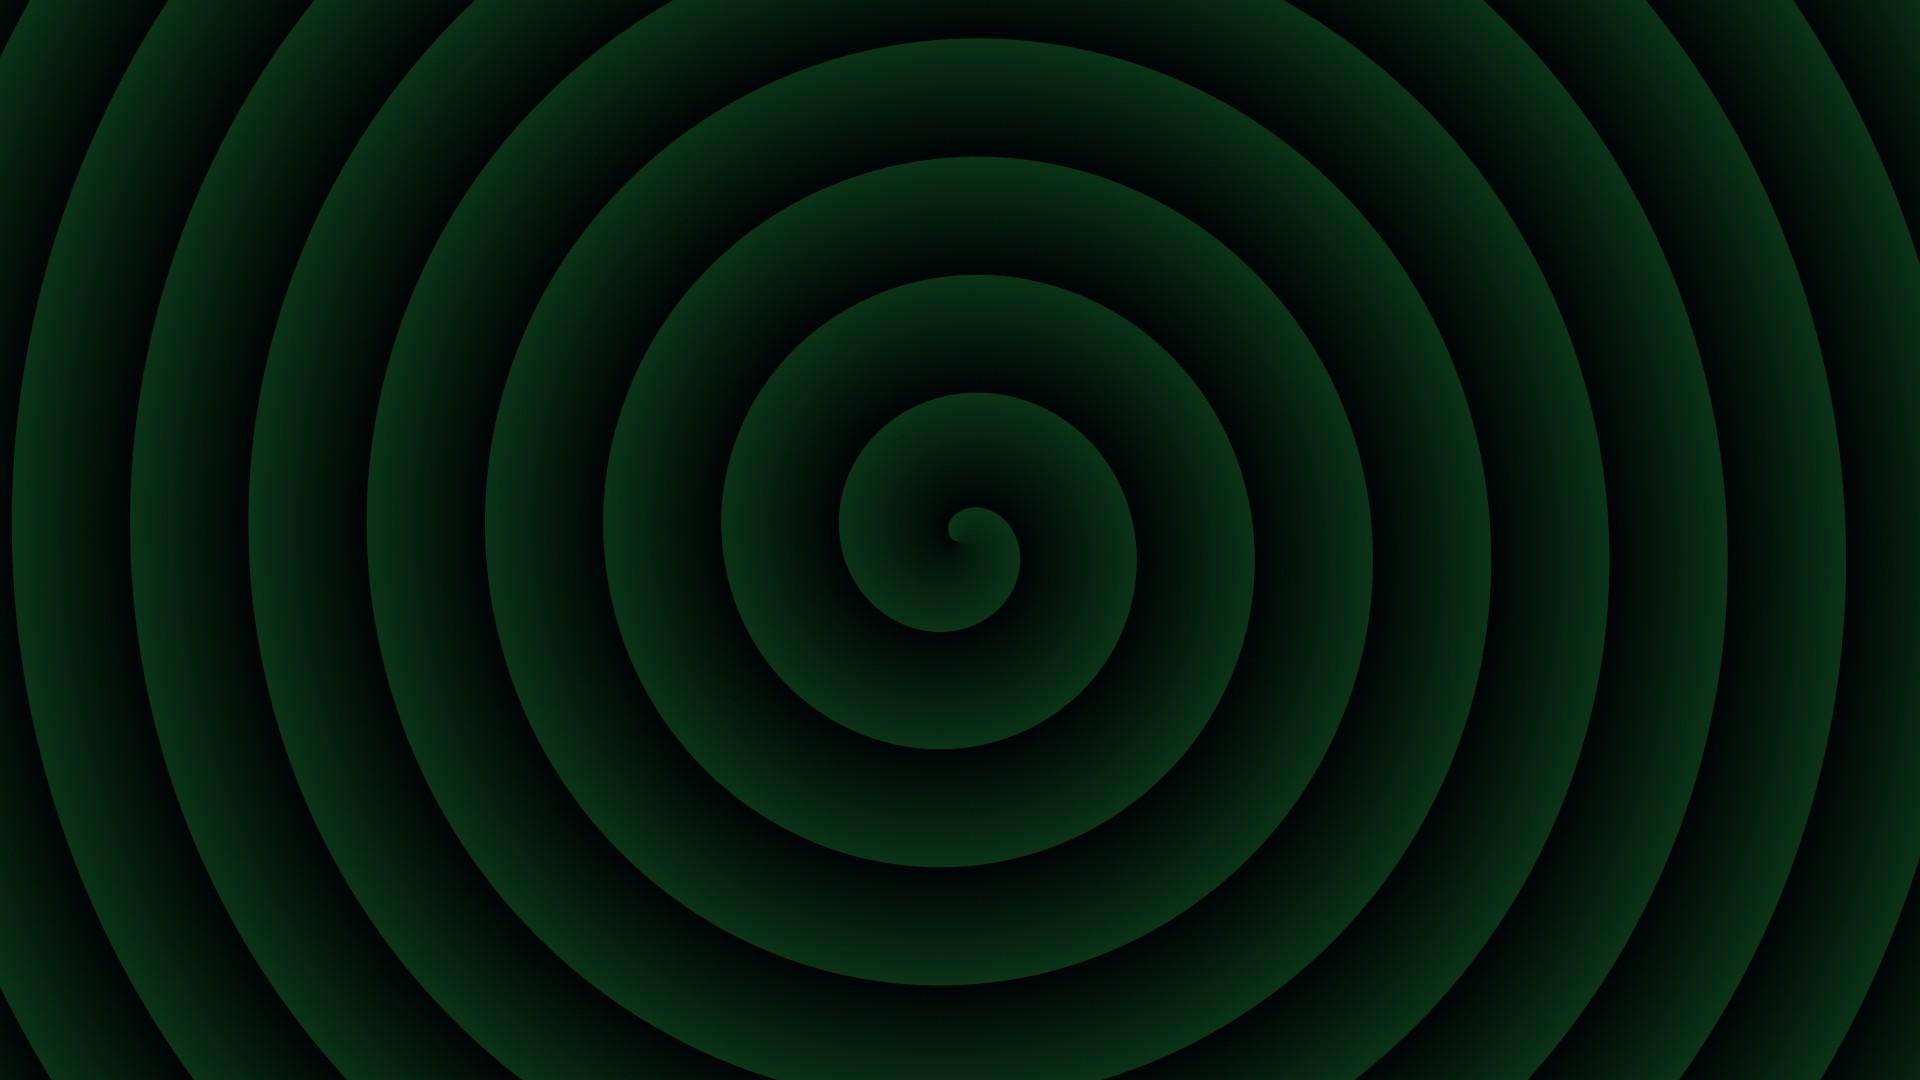 Green Spiral Wallpaper